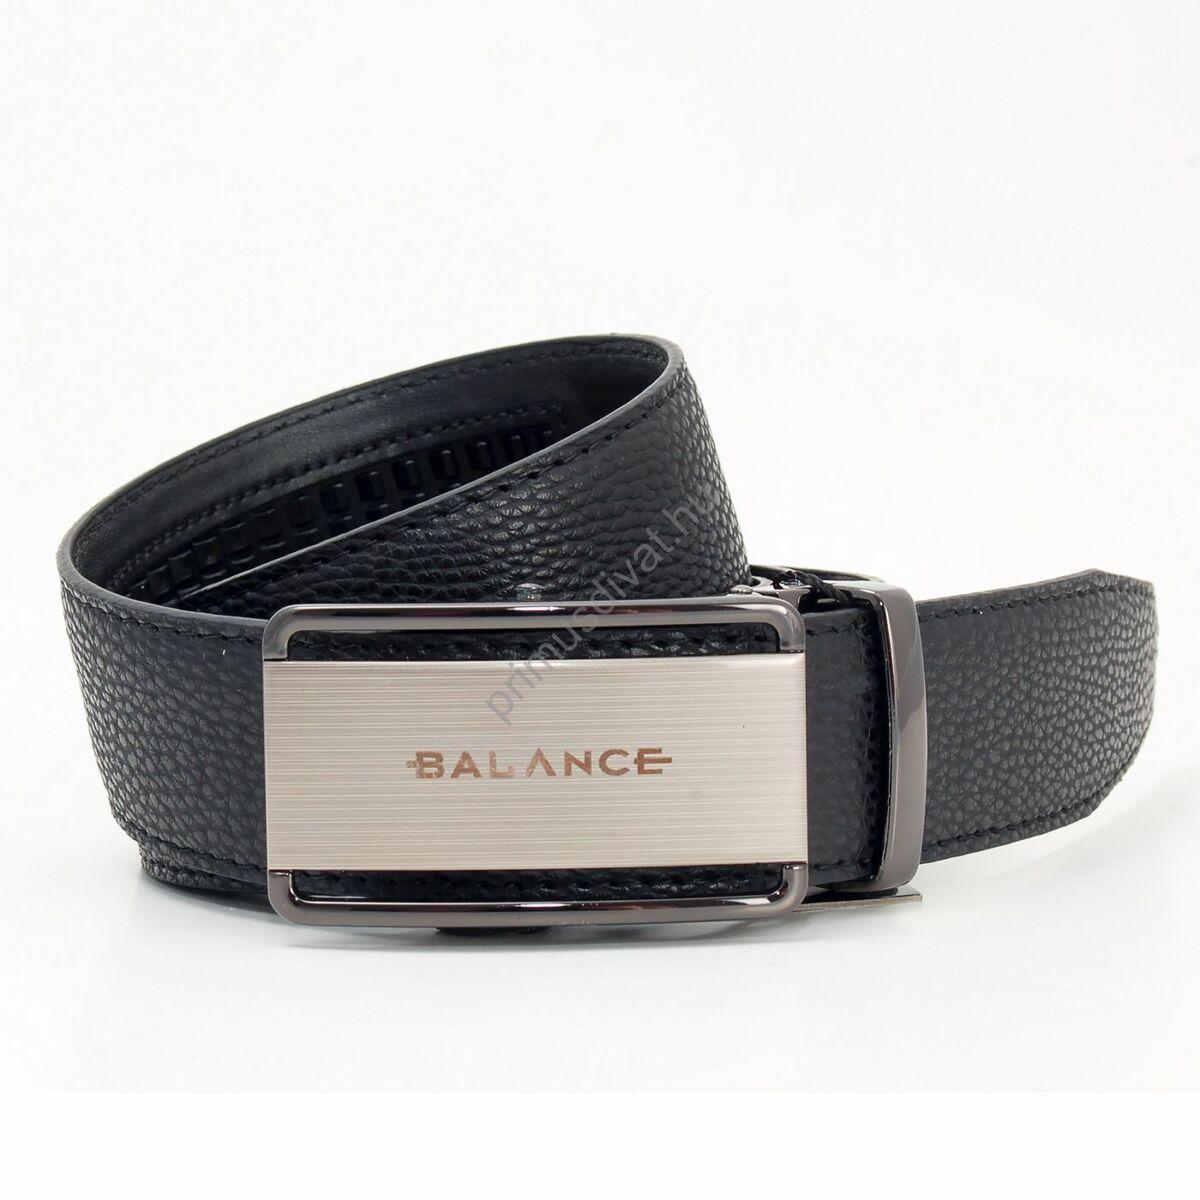 Balance racsnis záródású, varrott fekete bőrszíjas, csiszolt hatású, kivágott, gravírozott fém csatos öv